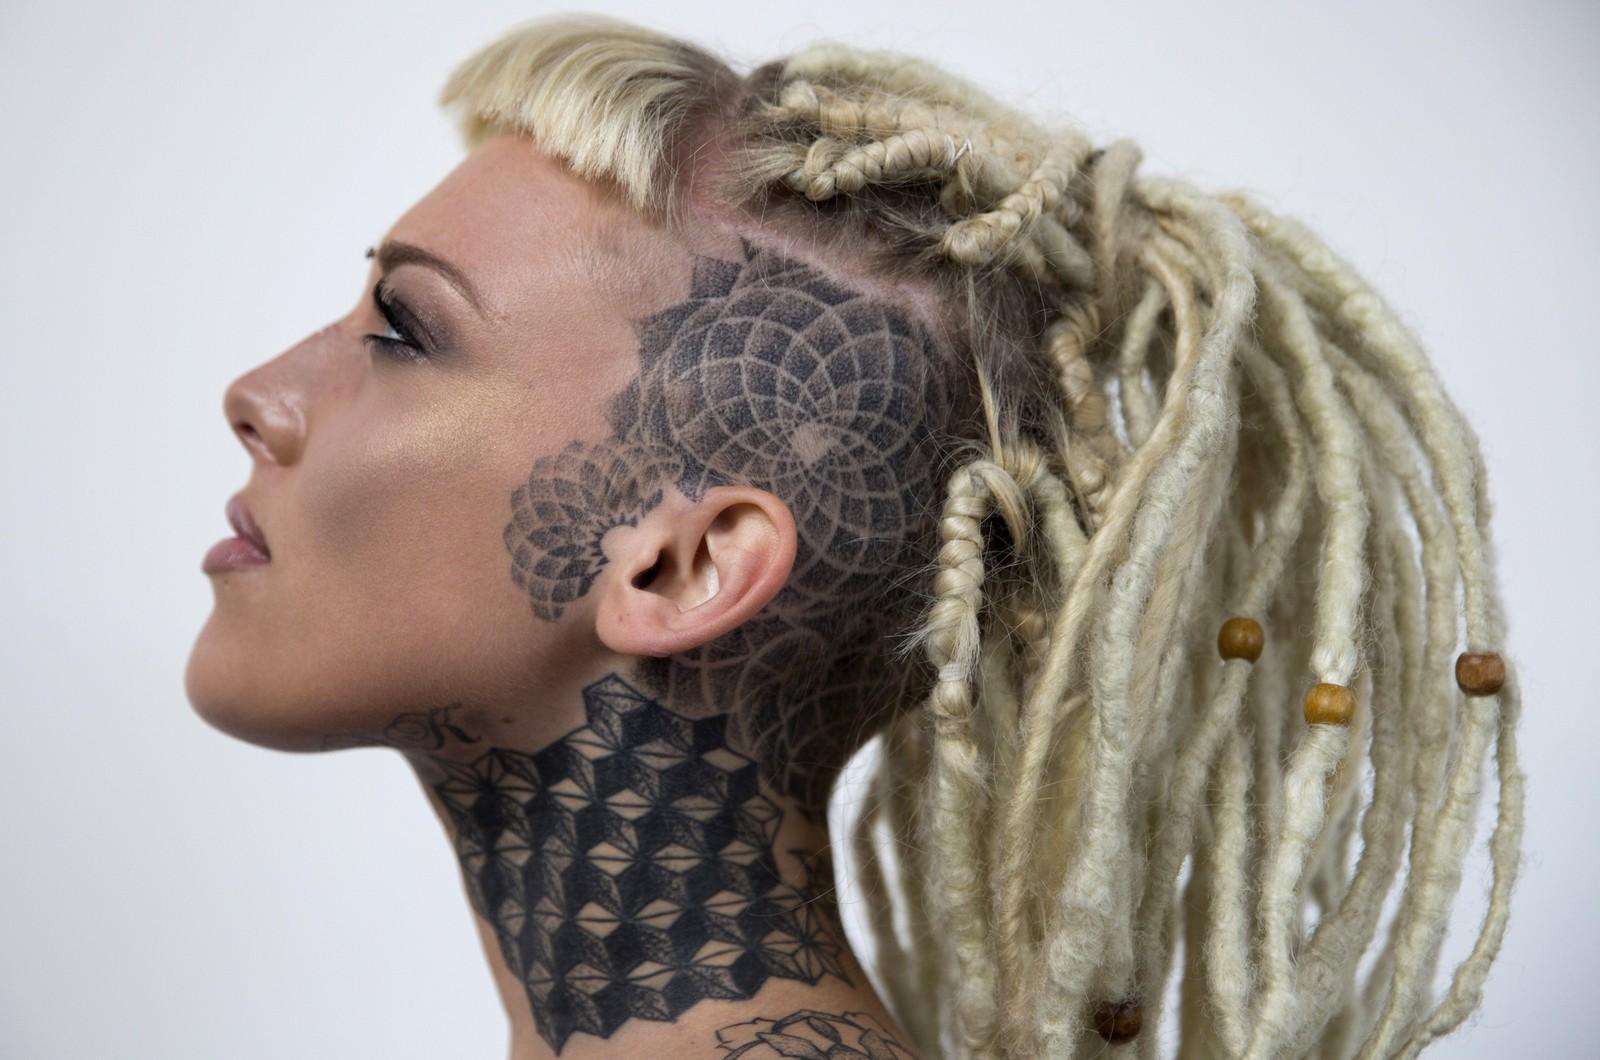 Lauren Brock viser seg fram for fotografene under den internasjonale tatoveringsmessa i London.